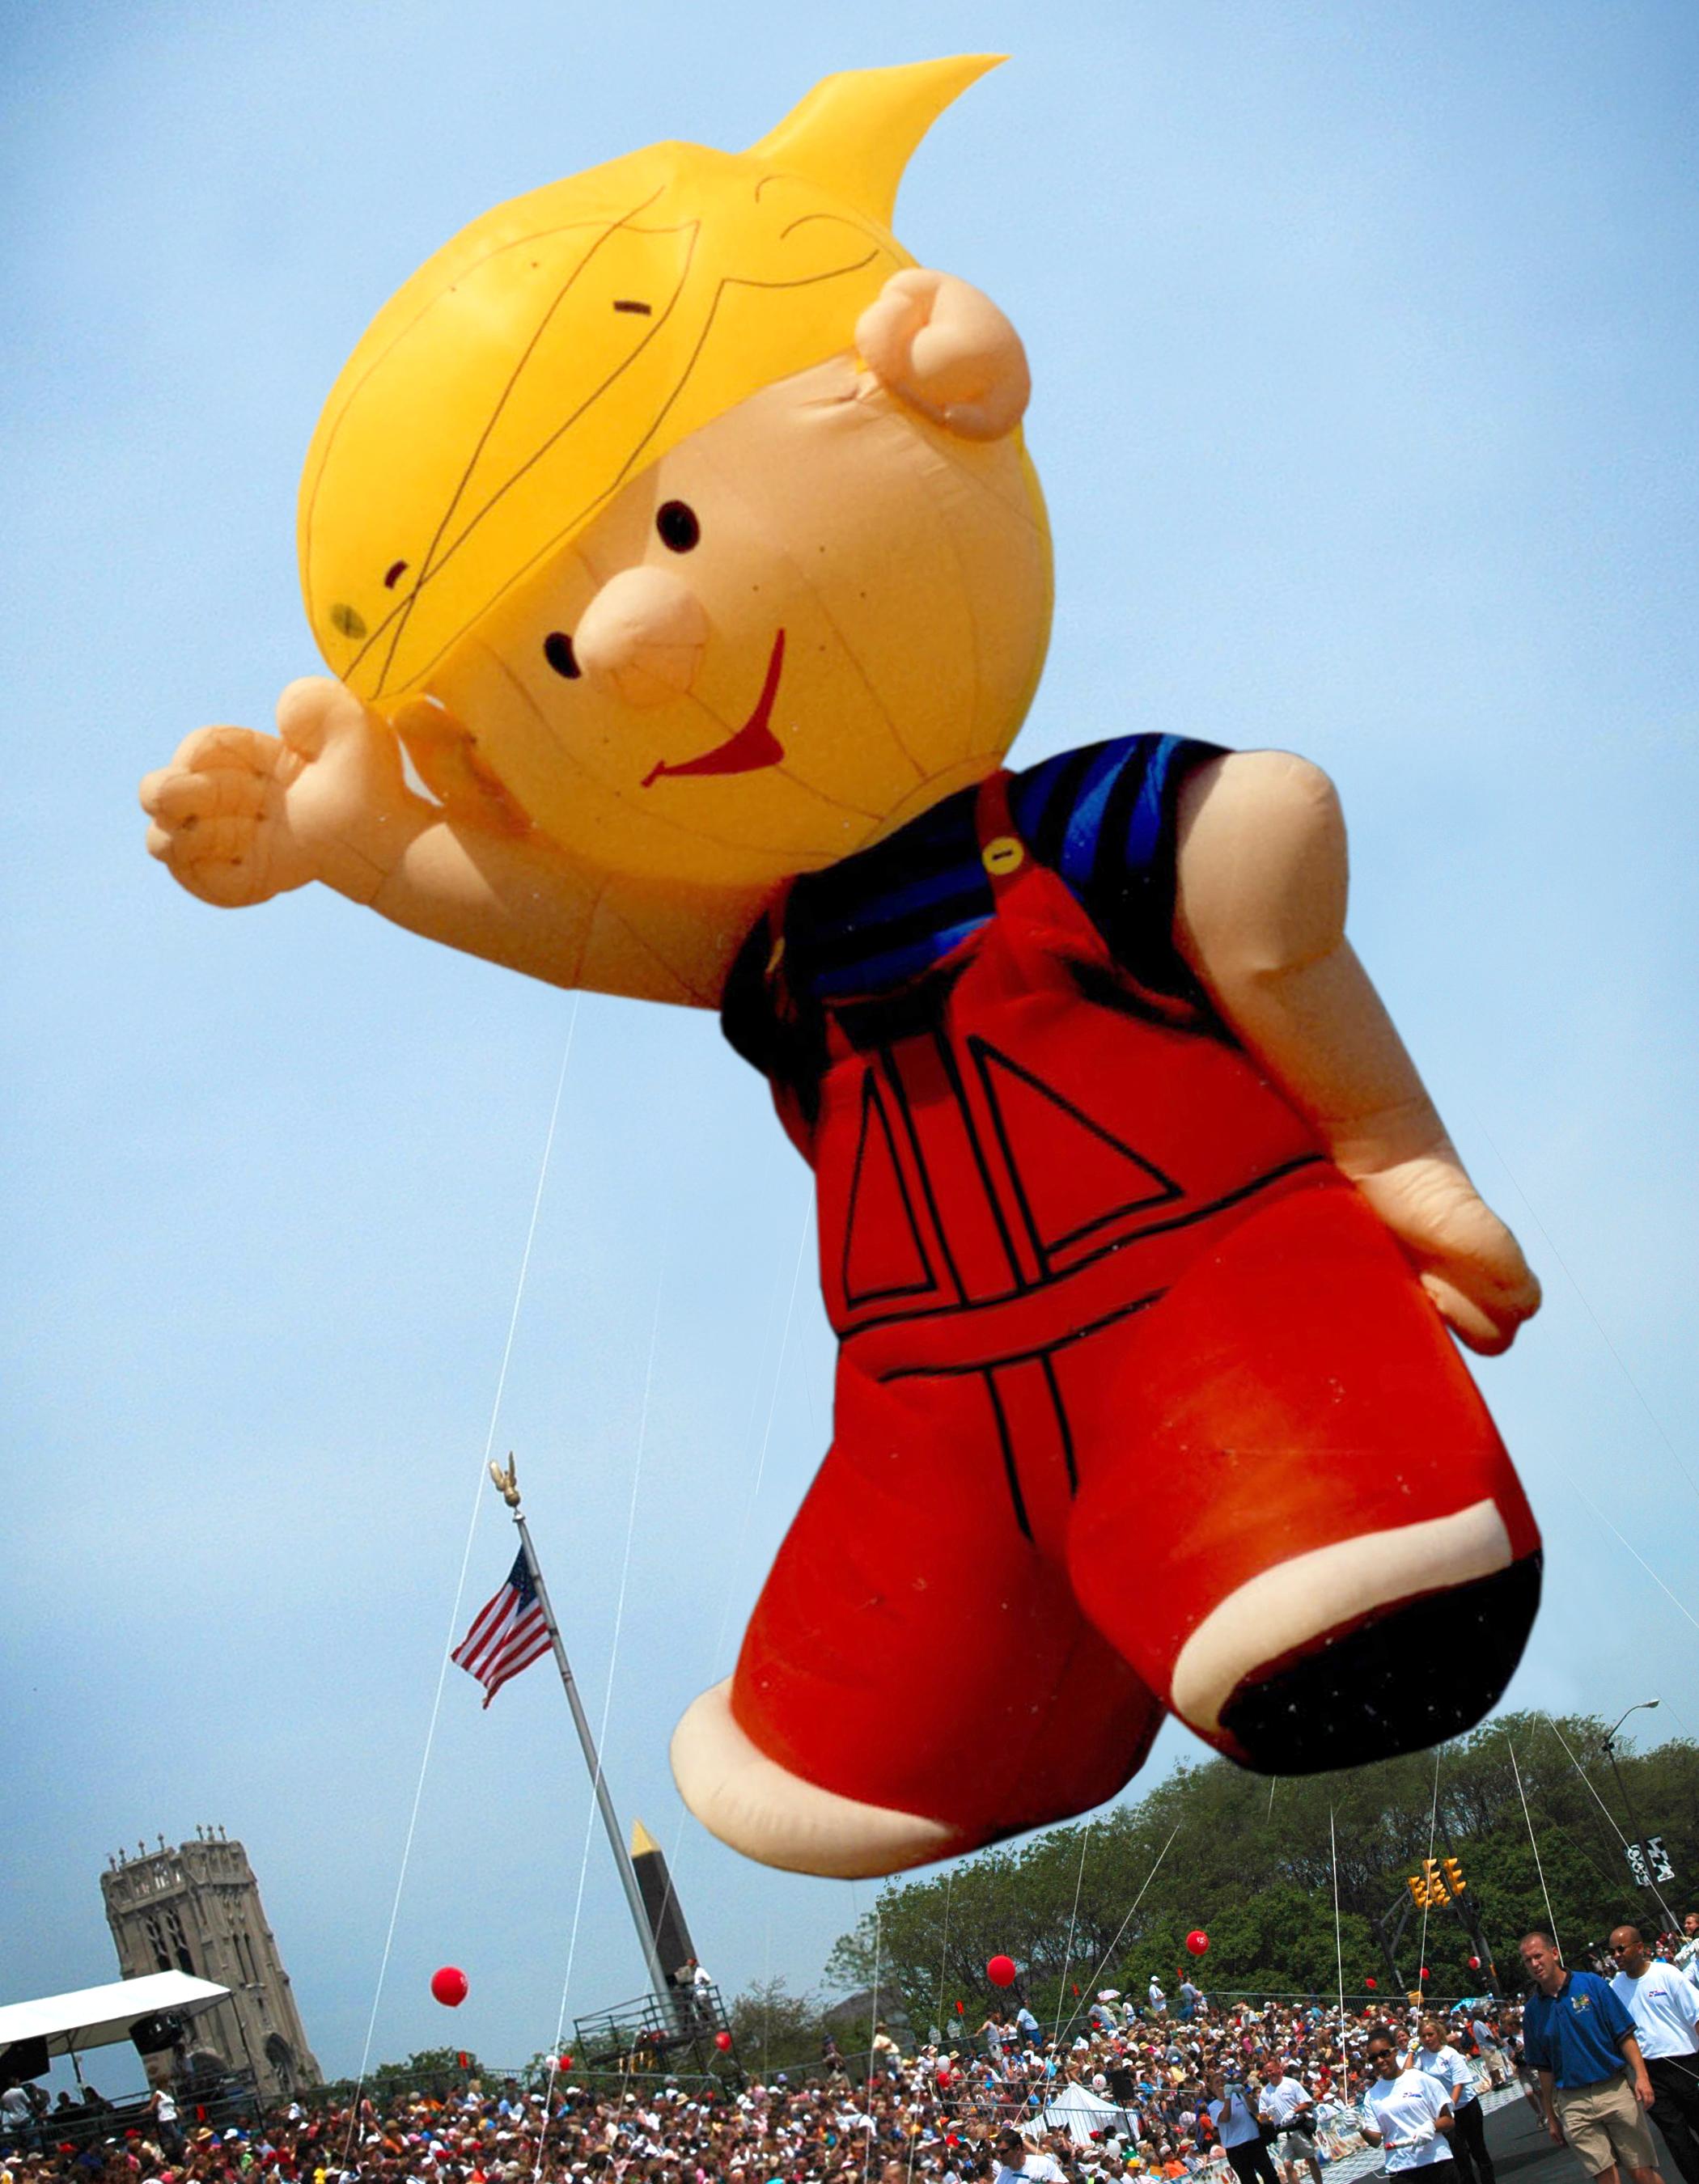 Dennis the Menace, Cartoon Parade Balloon